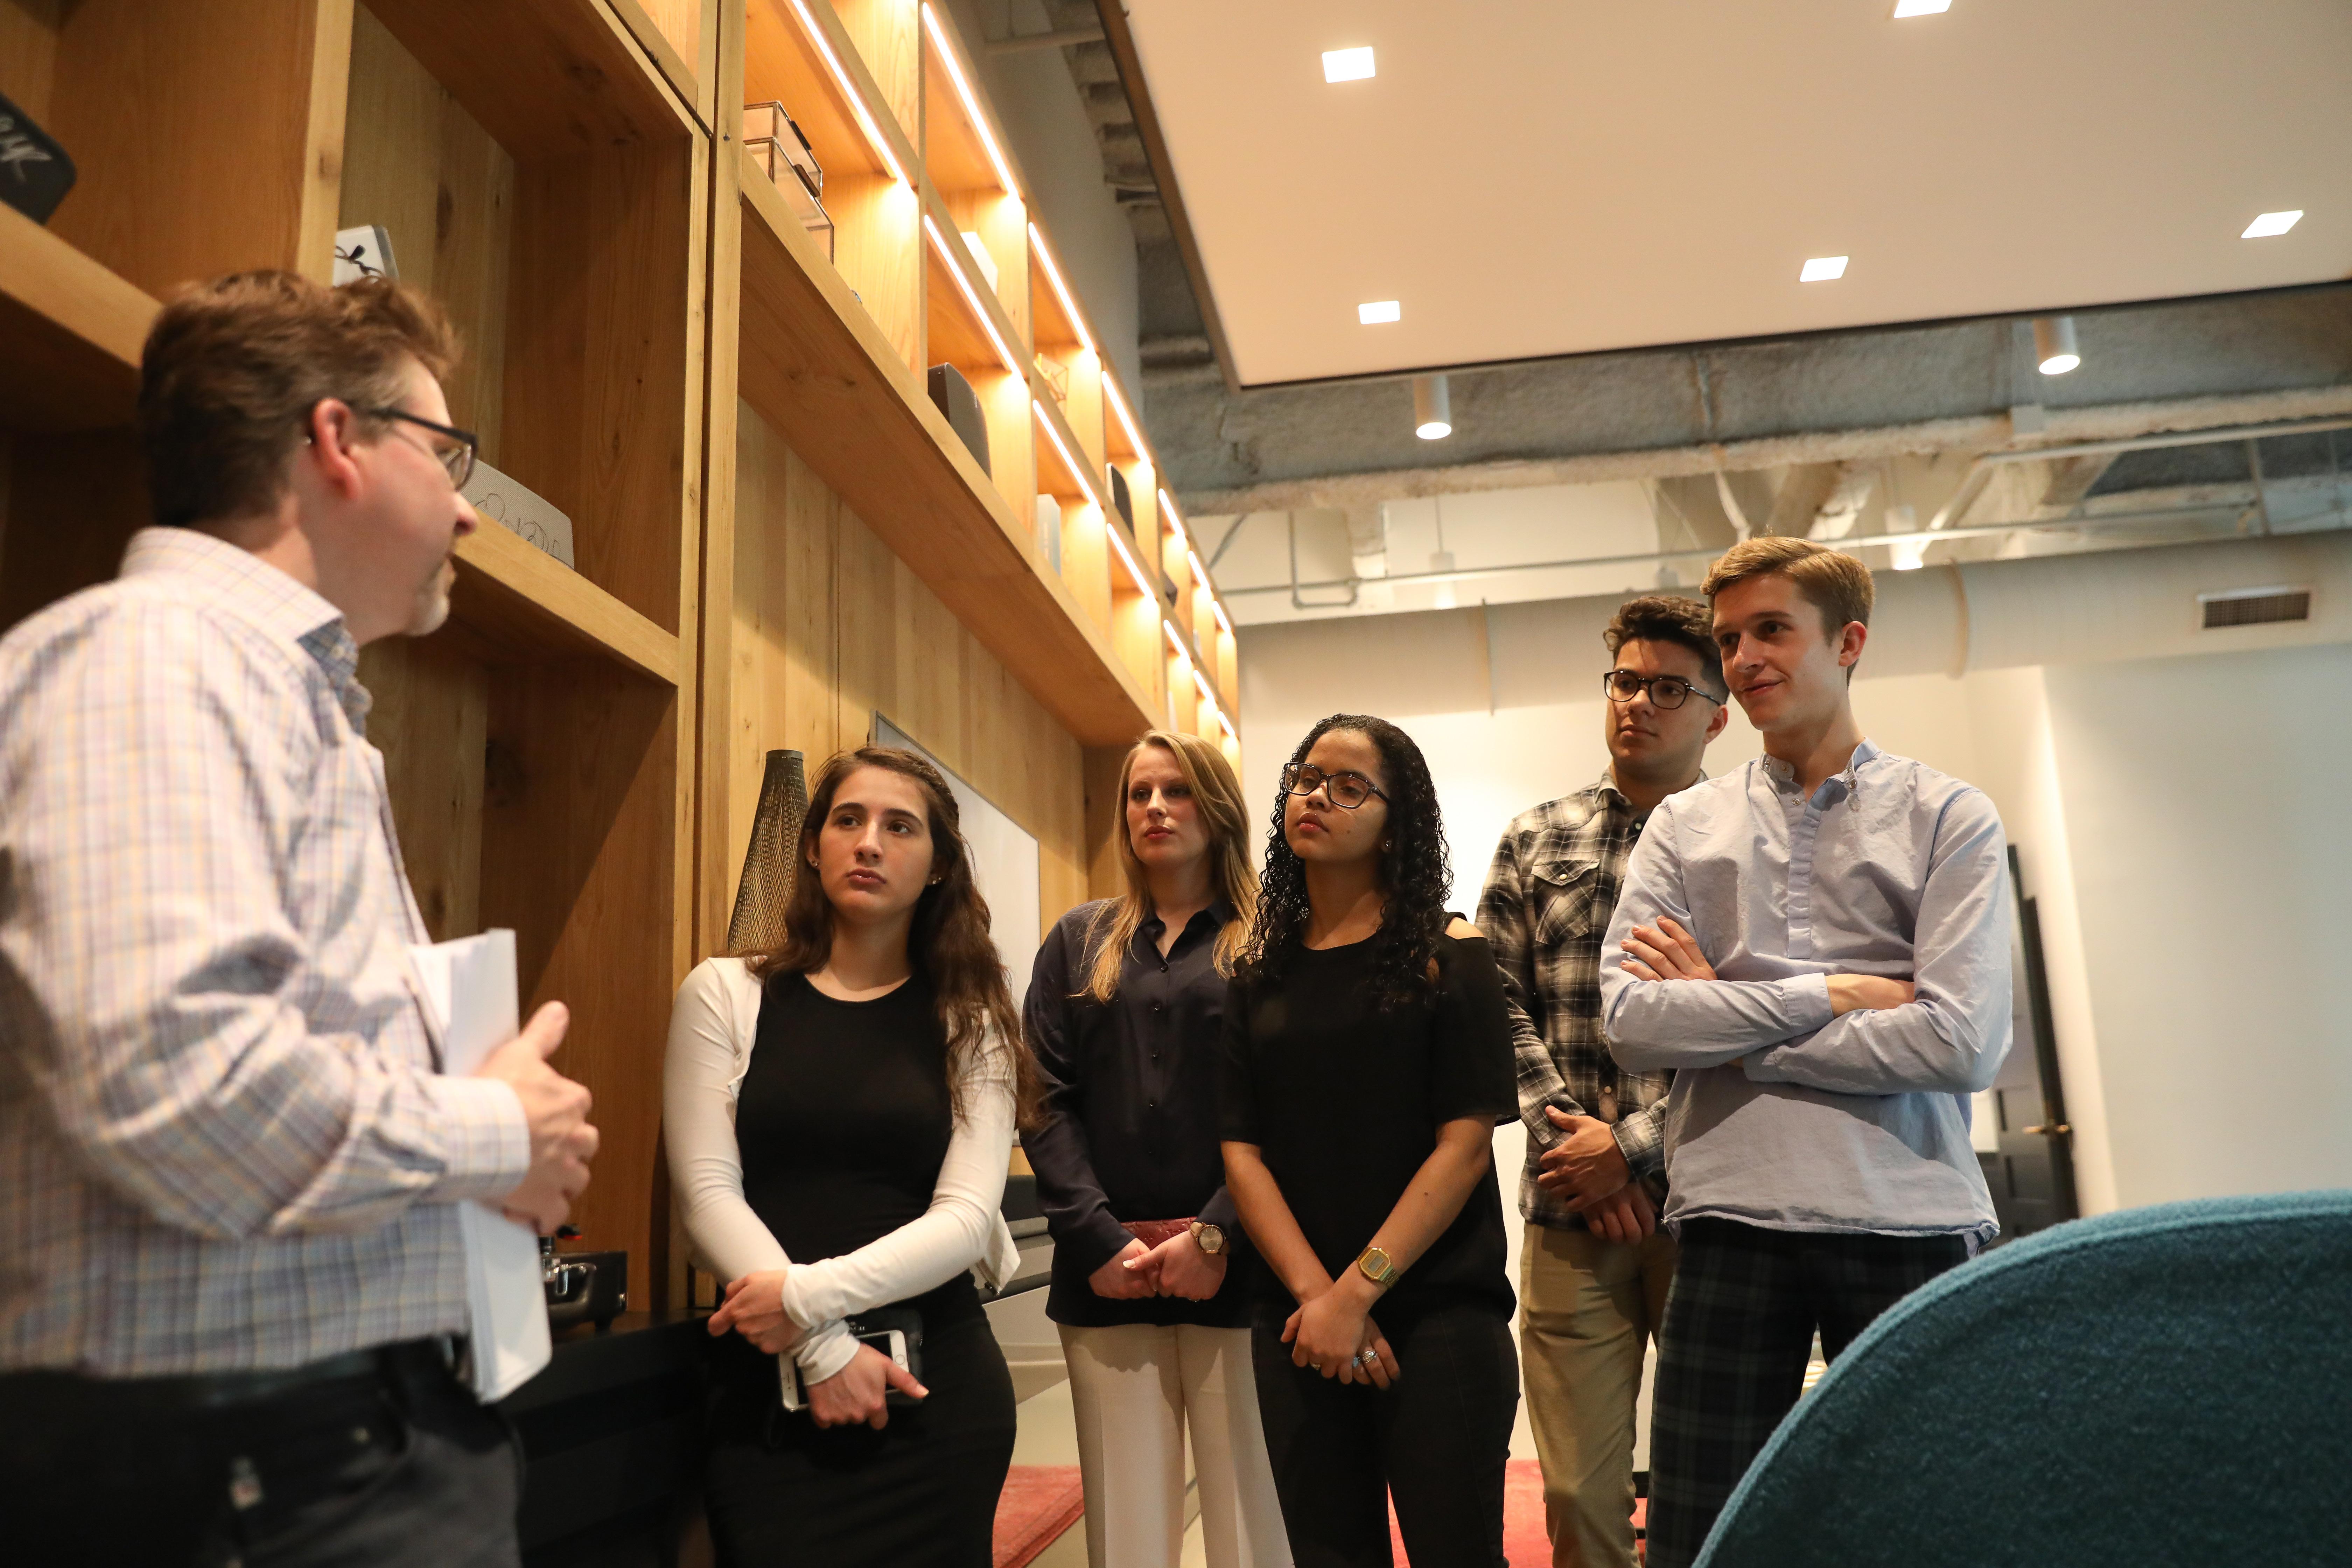 Suffolk Students sonos visit